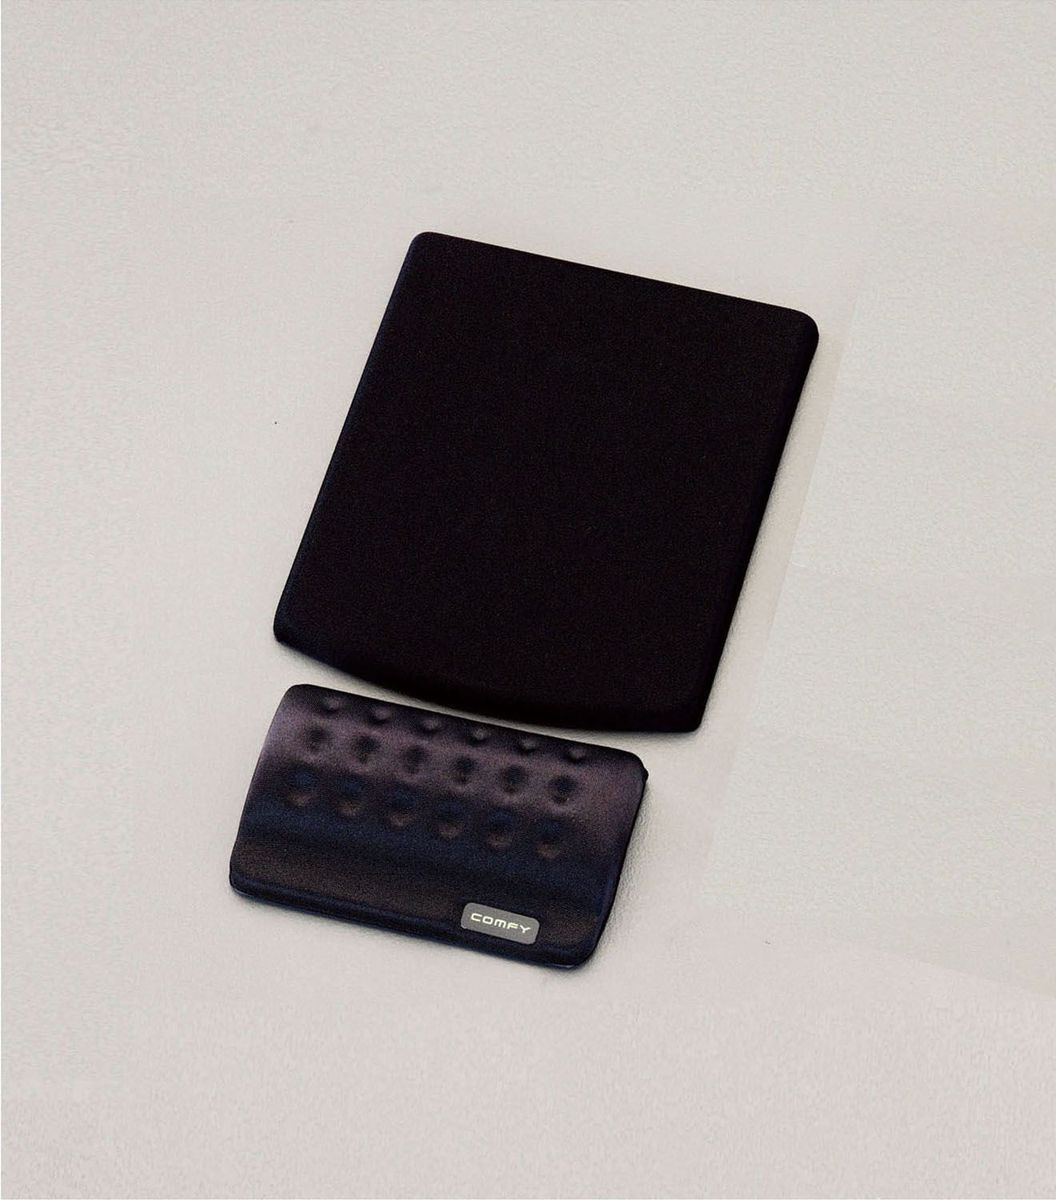 【メーカー在庫あり】 エスコ(ESCO) 135x155x10mm リストレスト付 マウスパッド(ブラック) 000012204069 HD